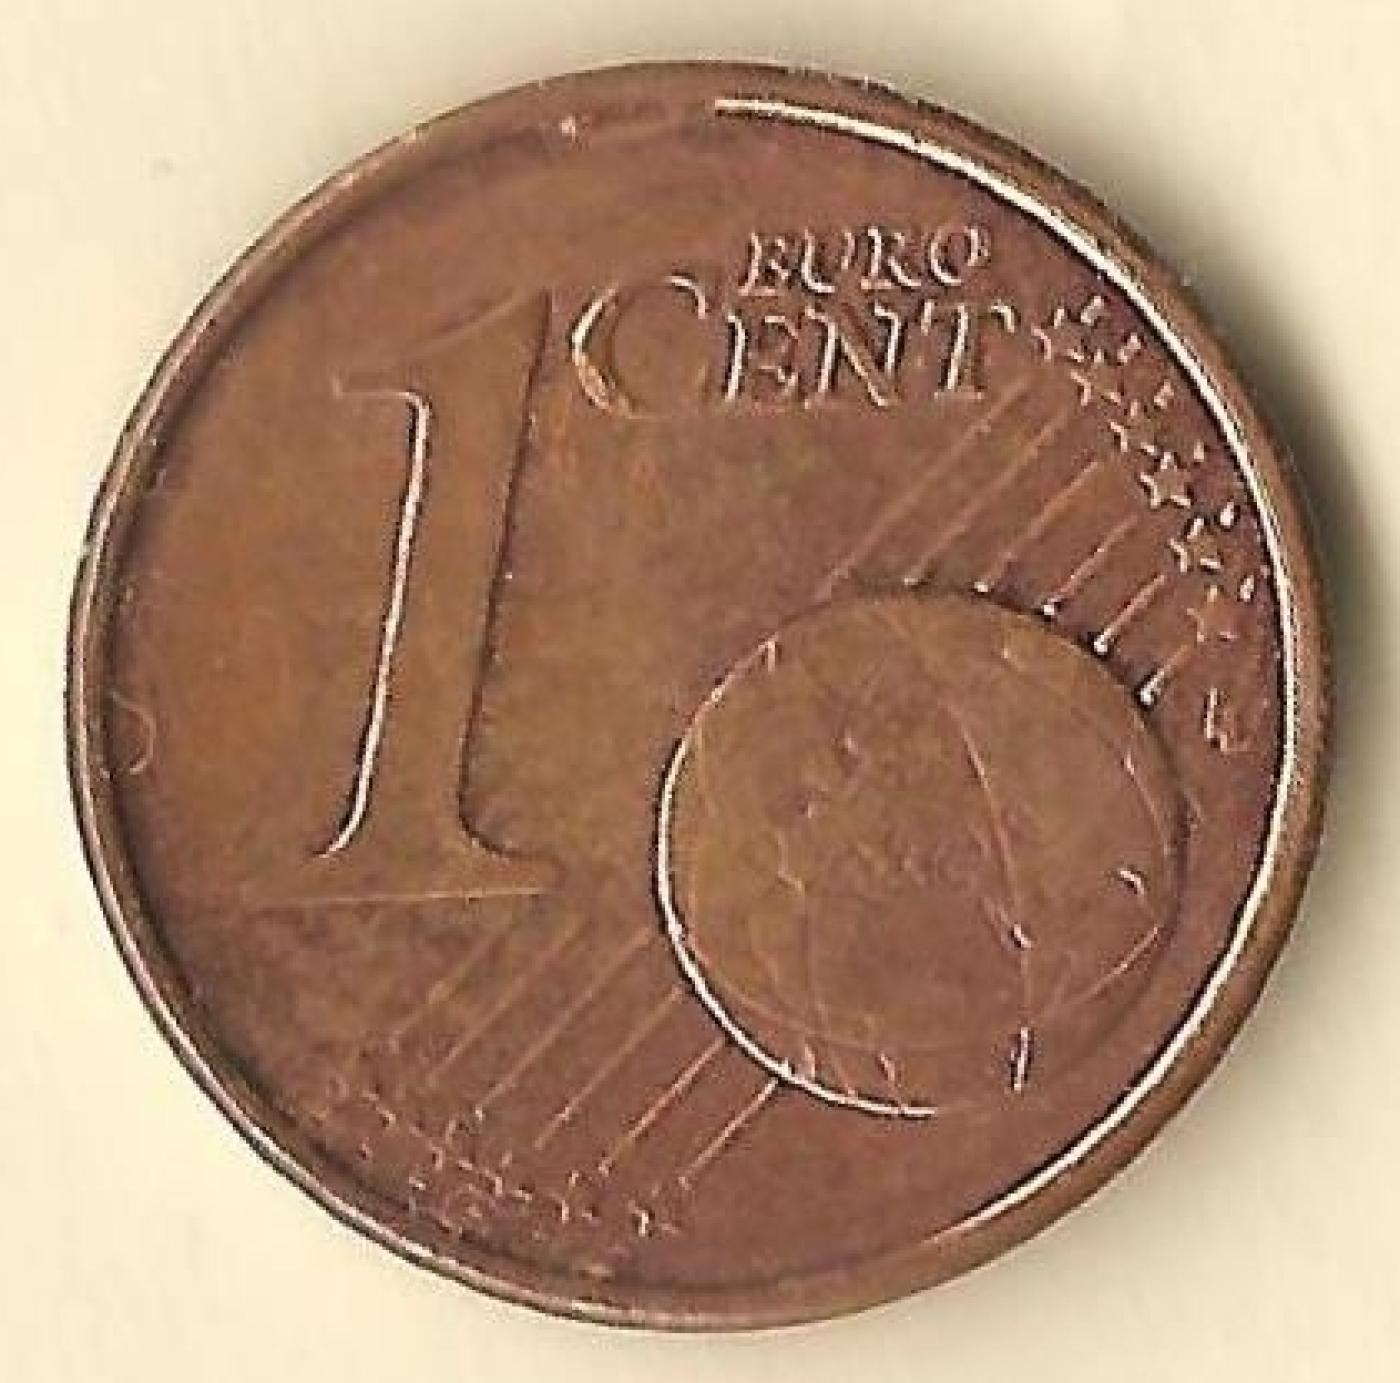 3 coins 2 : 1 Cyprus euro set 5 cents 2016 UNC